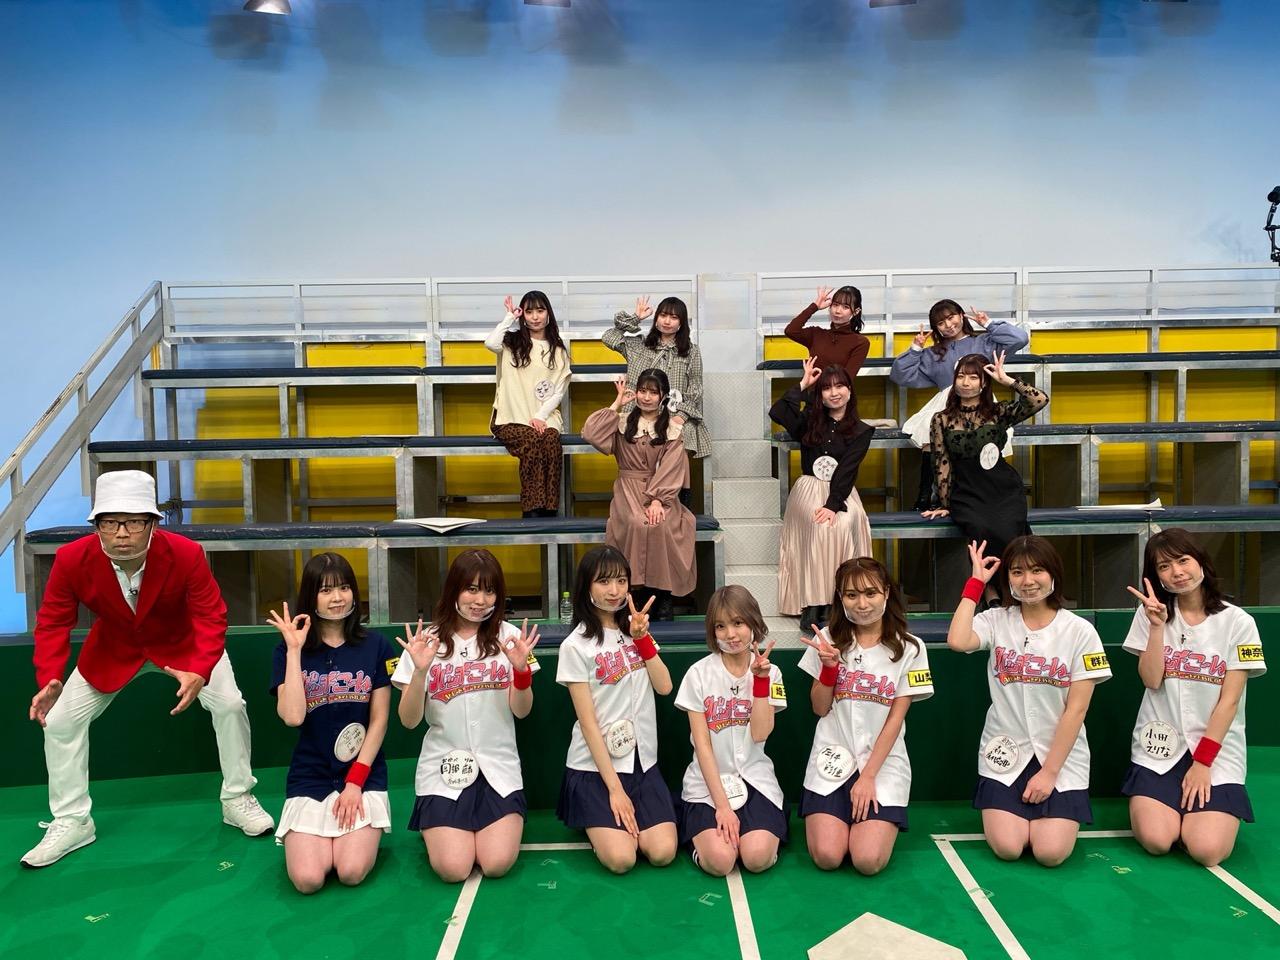 「AKB48チーム8のKANTO白書 バッチこーい!」#82:バッチバチ!ウチのエイトがすみません!【チバテレ】